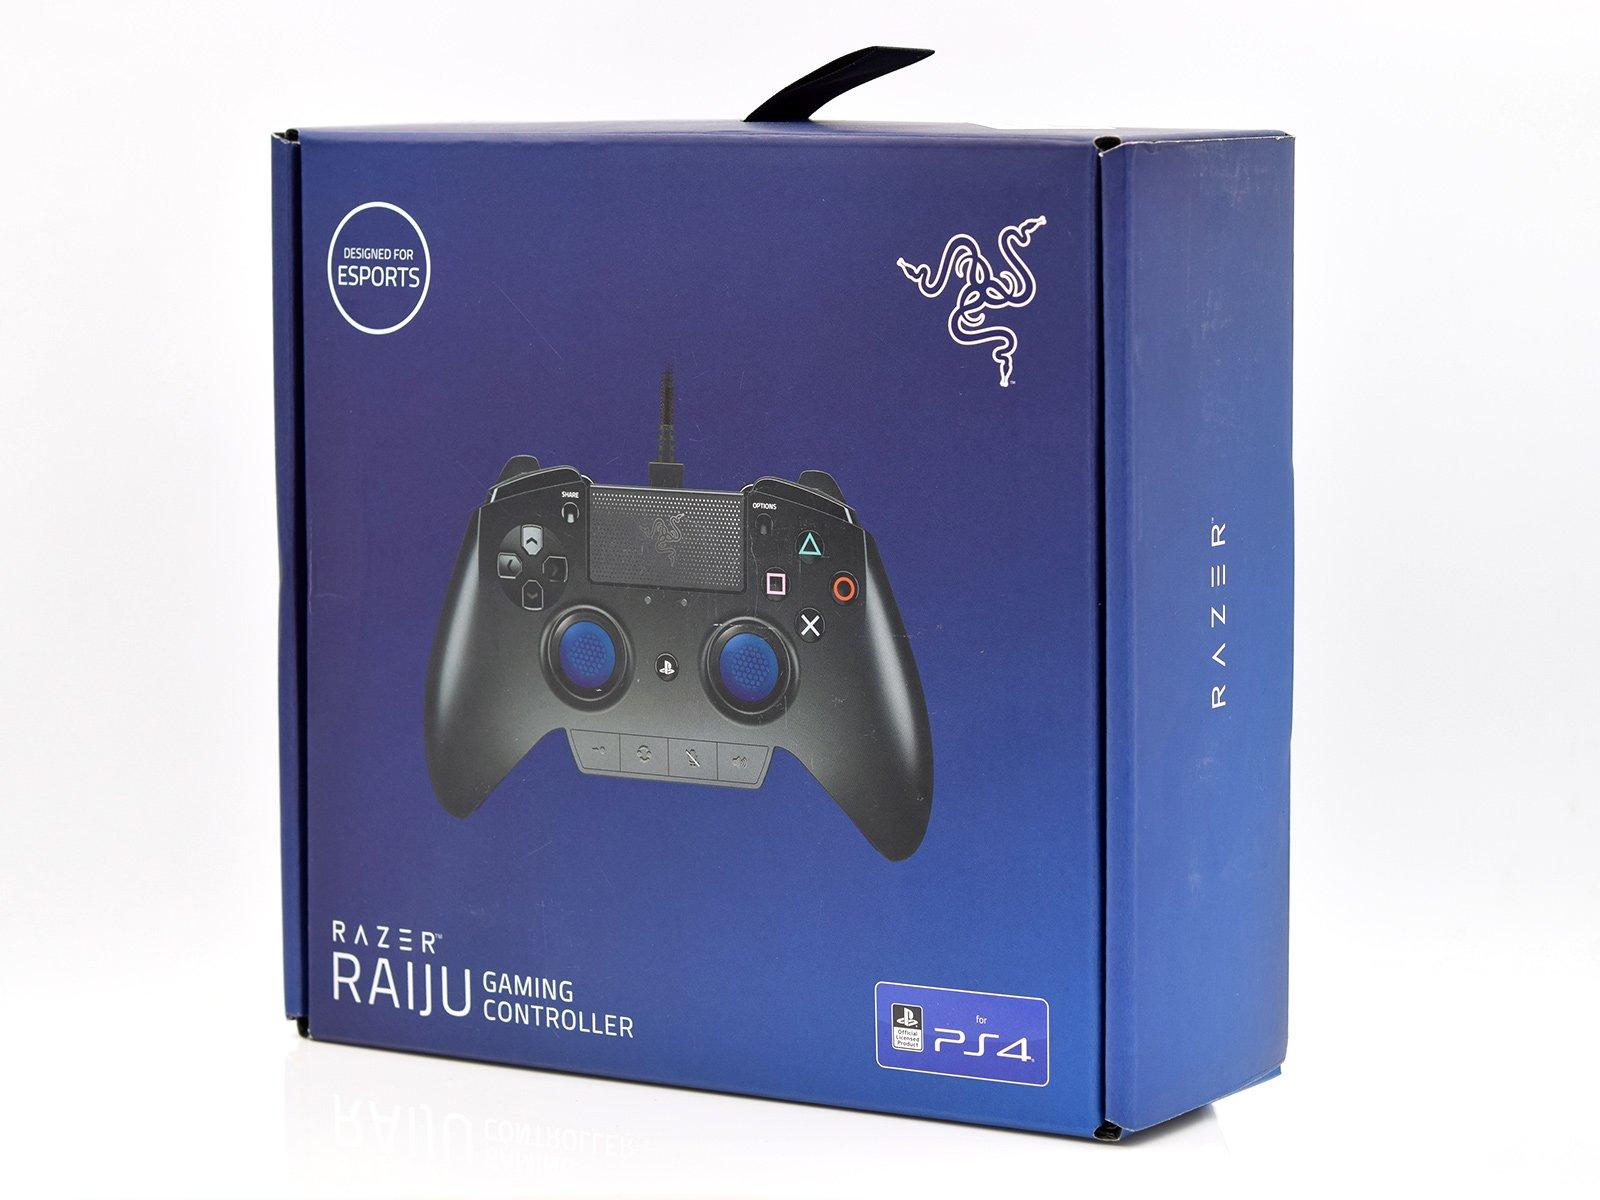 Razer Raiju Gaming Controller Box